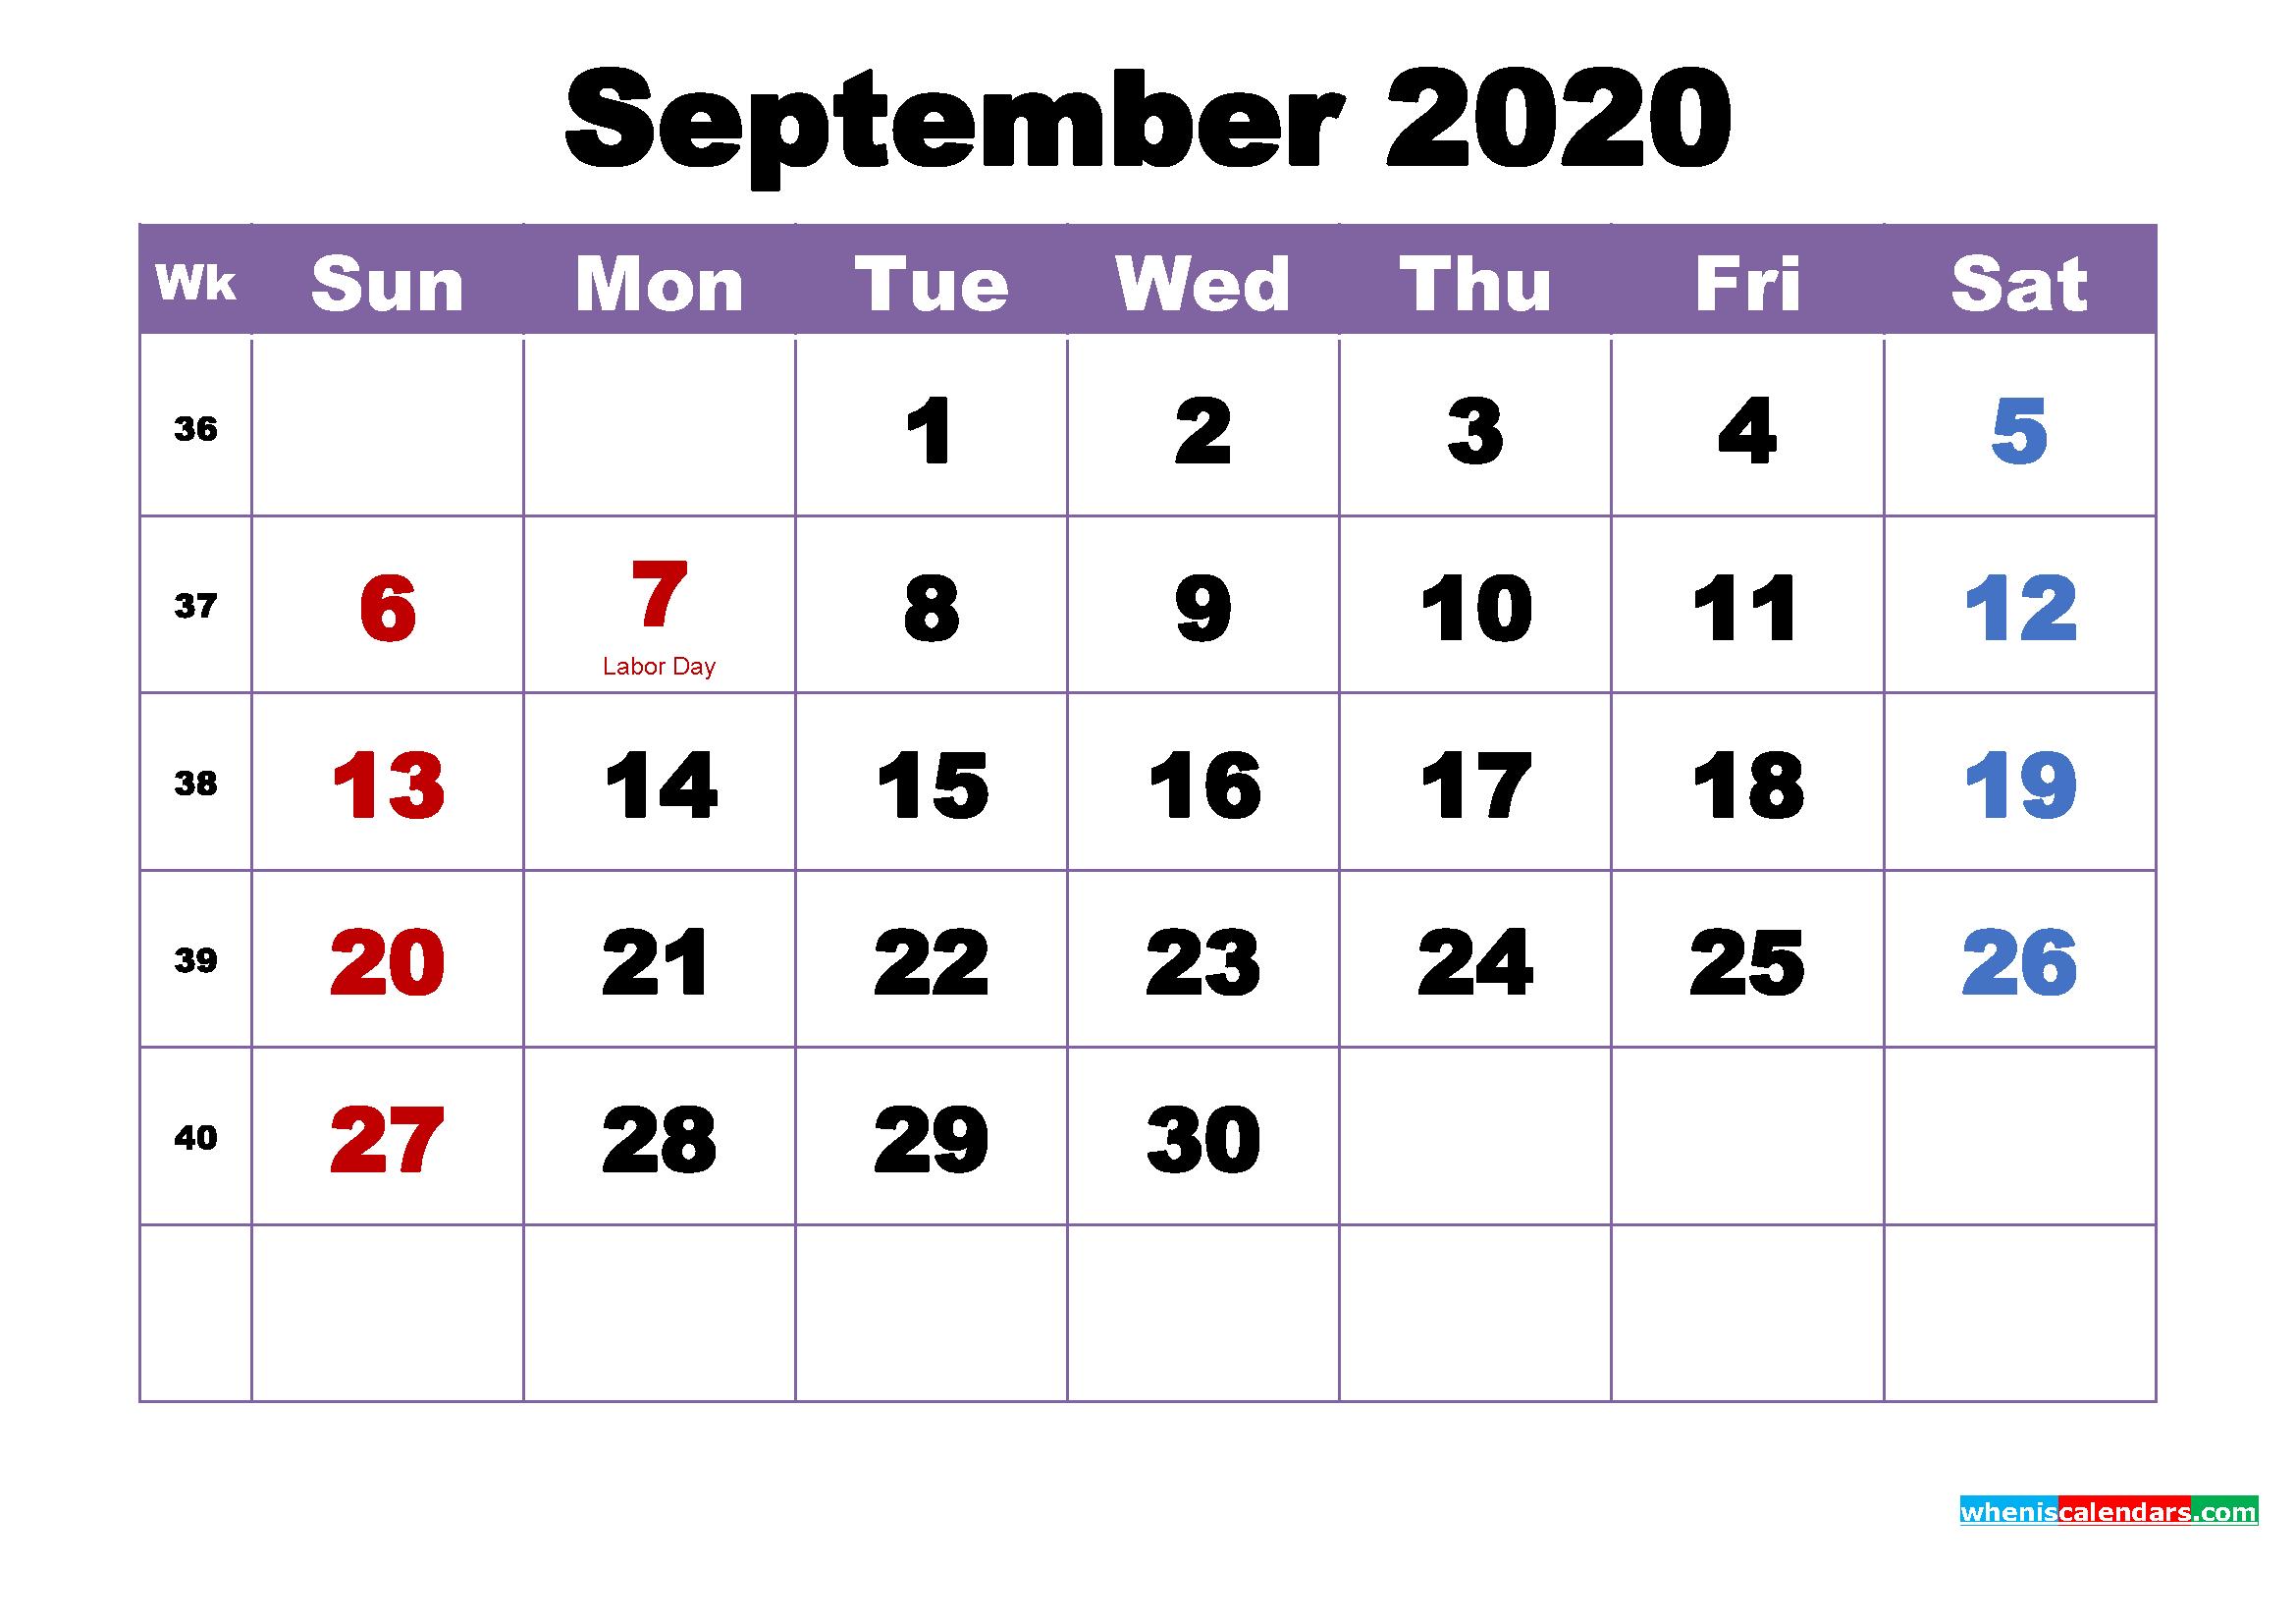 Free Printable September 2020 Calendar Wallpaper